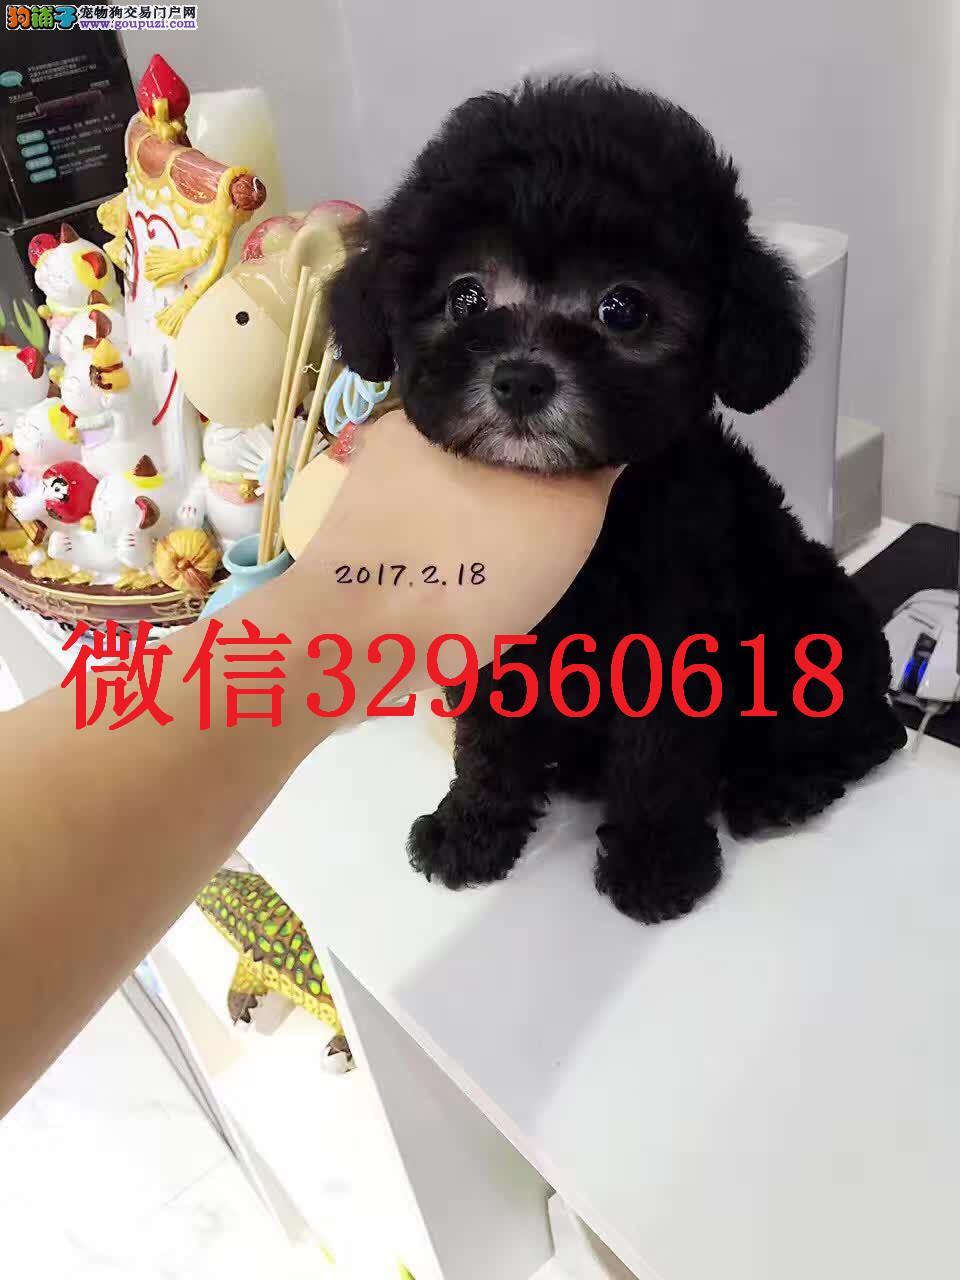 南昌出售纯种灰色泰迪 灰泰迪价格 灰色泰迪幼犬出售